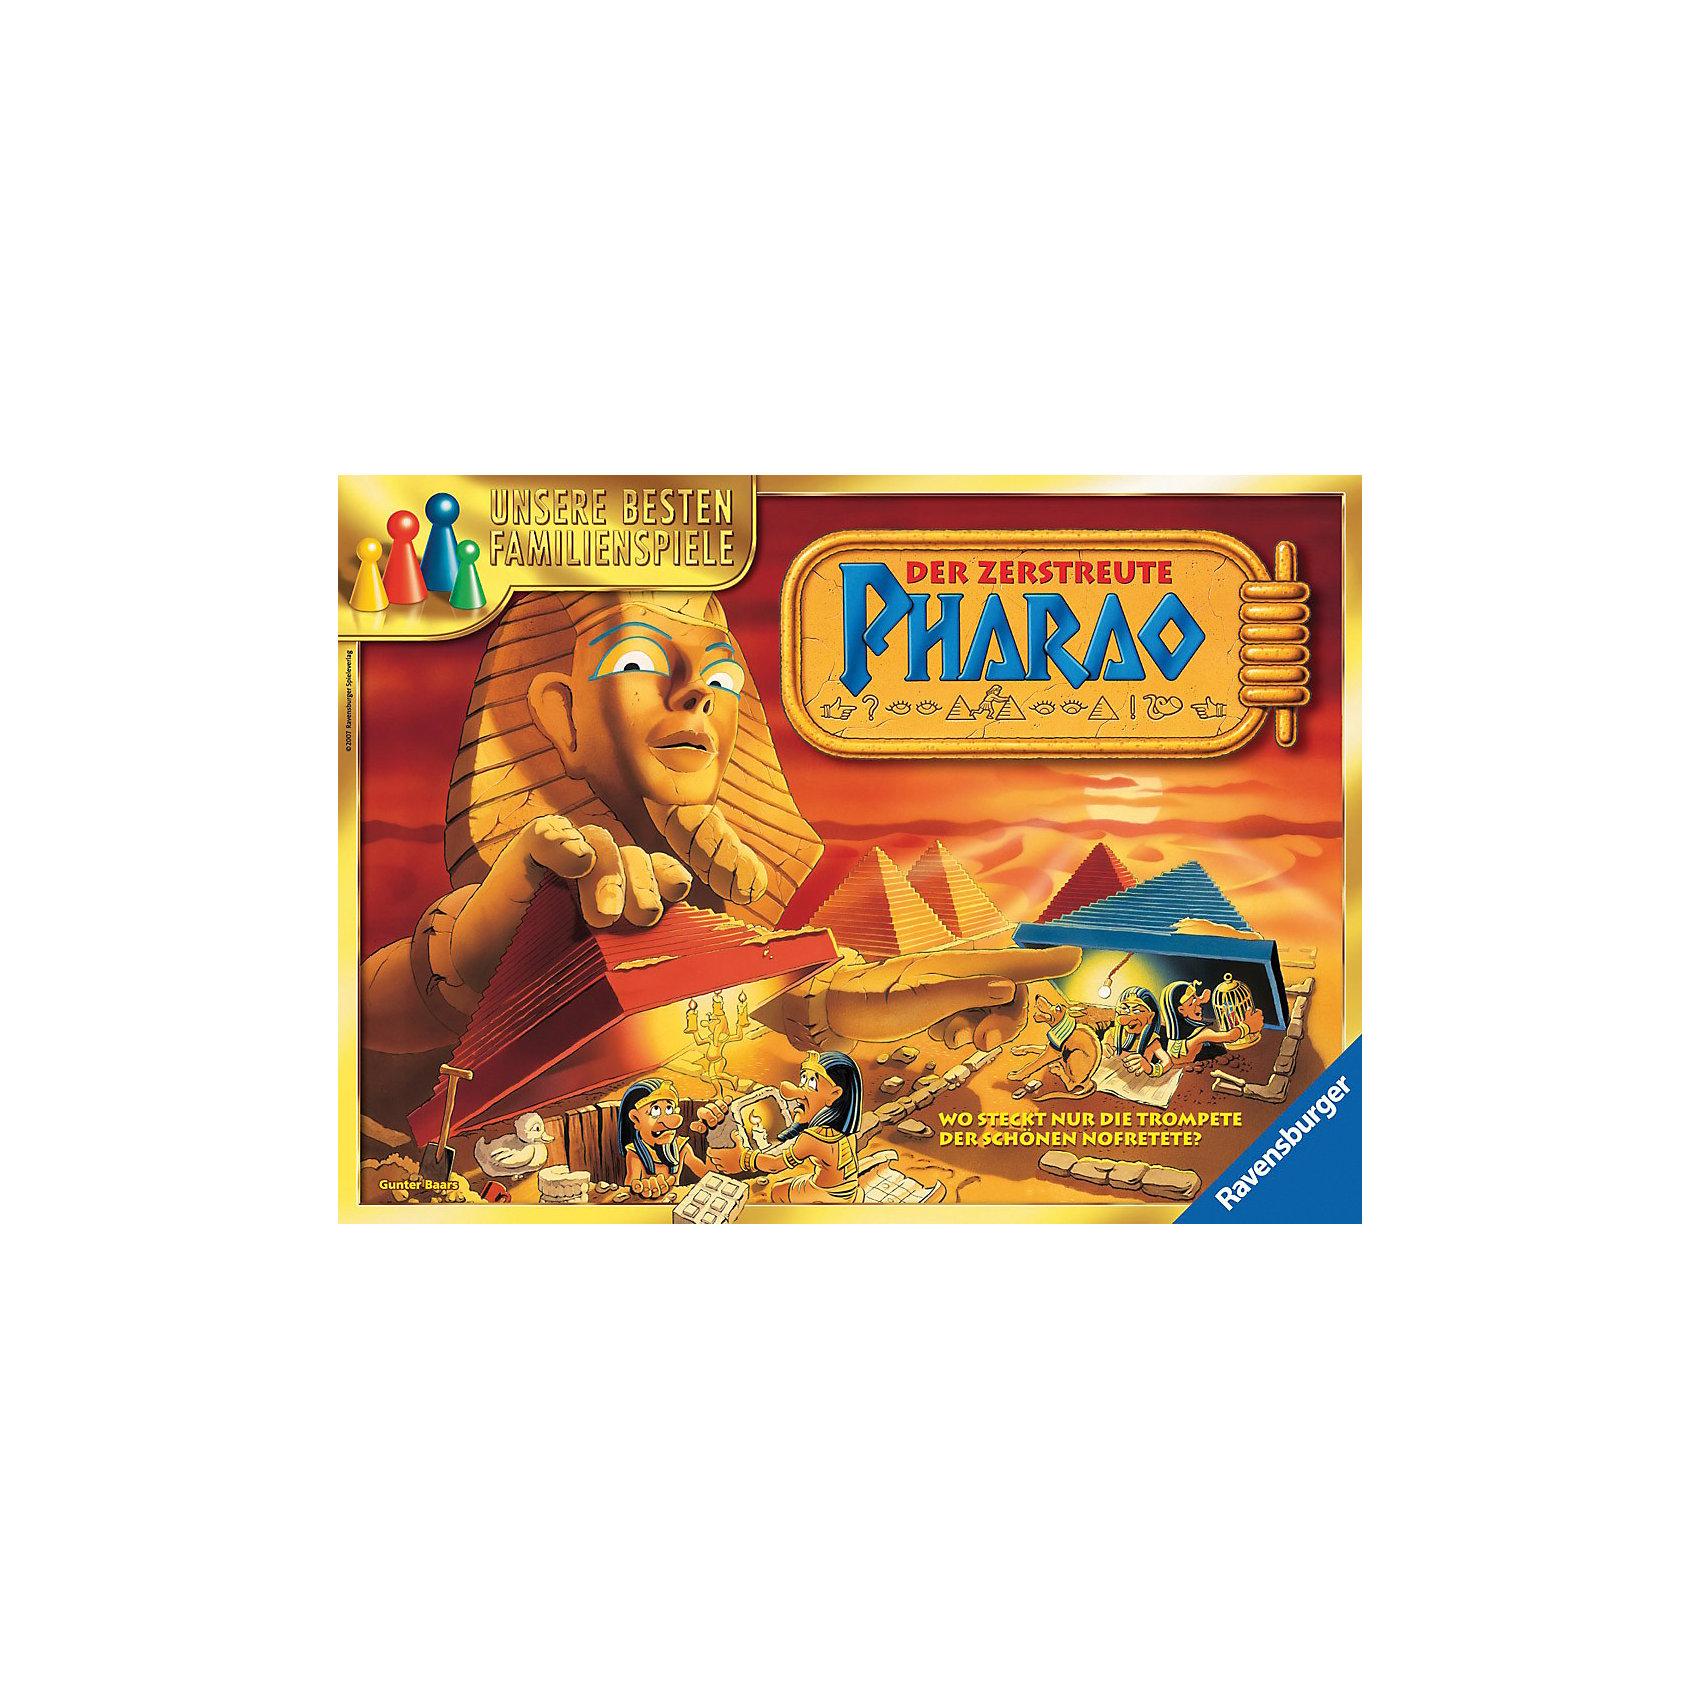 Настольная игра Рамзес ll RavensburgerНастольная игра Рамзес ll Ravensburger (русскоязычная версия) точно не даст Вам скучать!<br><br>Очень богатый, но, к сожалению, немного рассеянный фараон собрал за свою жизнь многочисленные сокровища из разных стран и спрятал их от воров в своих пирамидах. Однако он сам уже не помнит, что и где у него лежит.<br><br>К счастью, Вы и Ваш ребенок сможете помочь забывчивому Рамзесу отыскать его драгоценности. Тот, кто найдет больше всего сокровищ и соберет самые ценные, станет победителем.<br><br>Отправляйтесь на поиски сокровищ фараона всей семьей!<br><br>Дополнительная информация:<br><br>- Размеры упаковки (д/ш/в): 5,5 х 37,3 х 27,3 см.<br>- Количество игроков: 2-5.<br><br>Игра особенно понравится детям, которые увлекаются историей Древнего Египта.<br><br>Настольную игру Рамзес ll Ravensburger можно купить в нашем магазине.<br><br>Ширина мм: 55<br>Глубина мм: 373<br>Высота мм: 273<br>Вес г: 880<br>Возраст от месяцев: 96<br>Возраст до месяцев: 1164<br>Пол: Унисекс<br>Возраст: Детский<br>SKU: 2148768